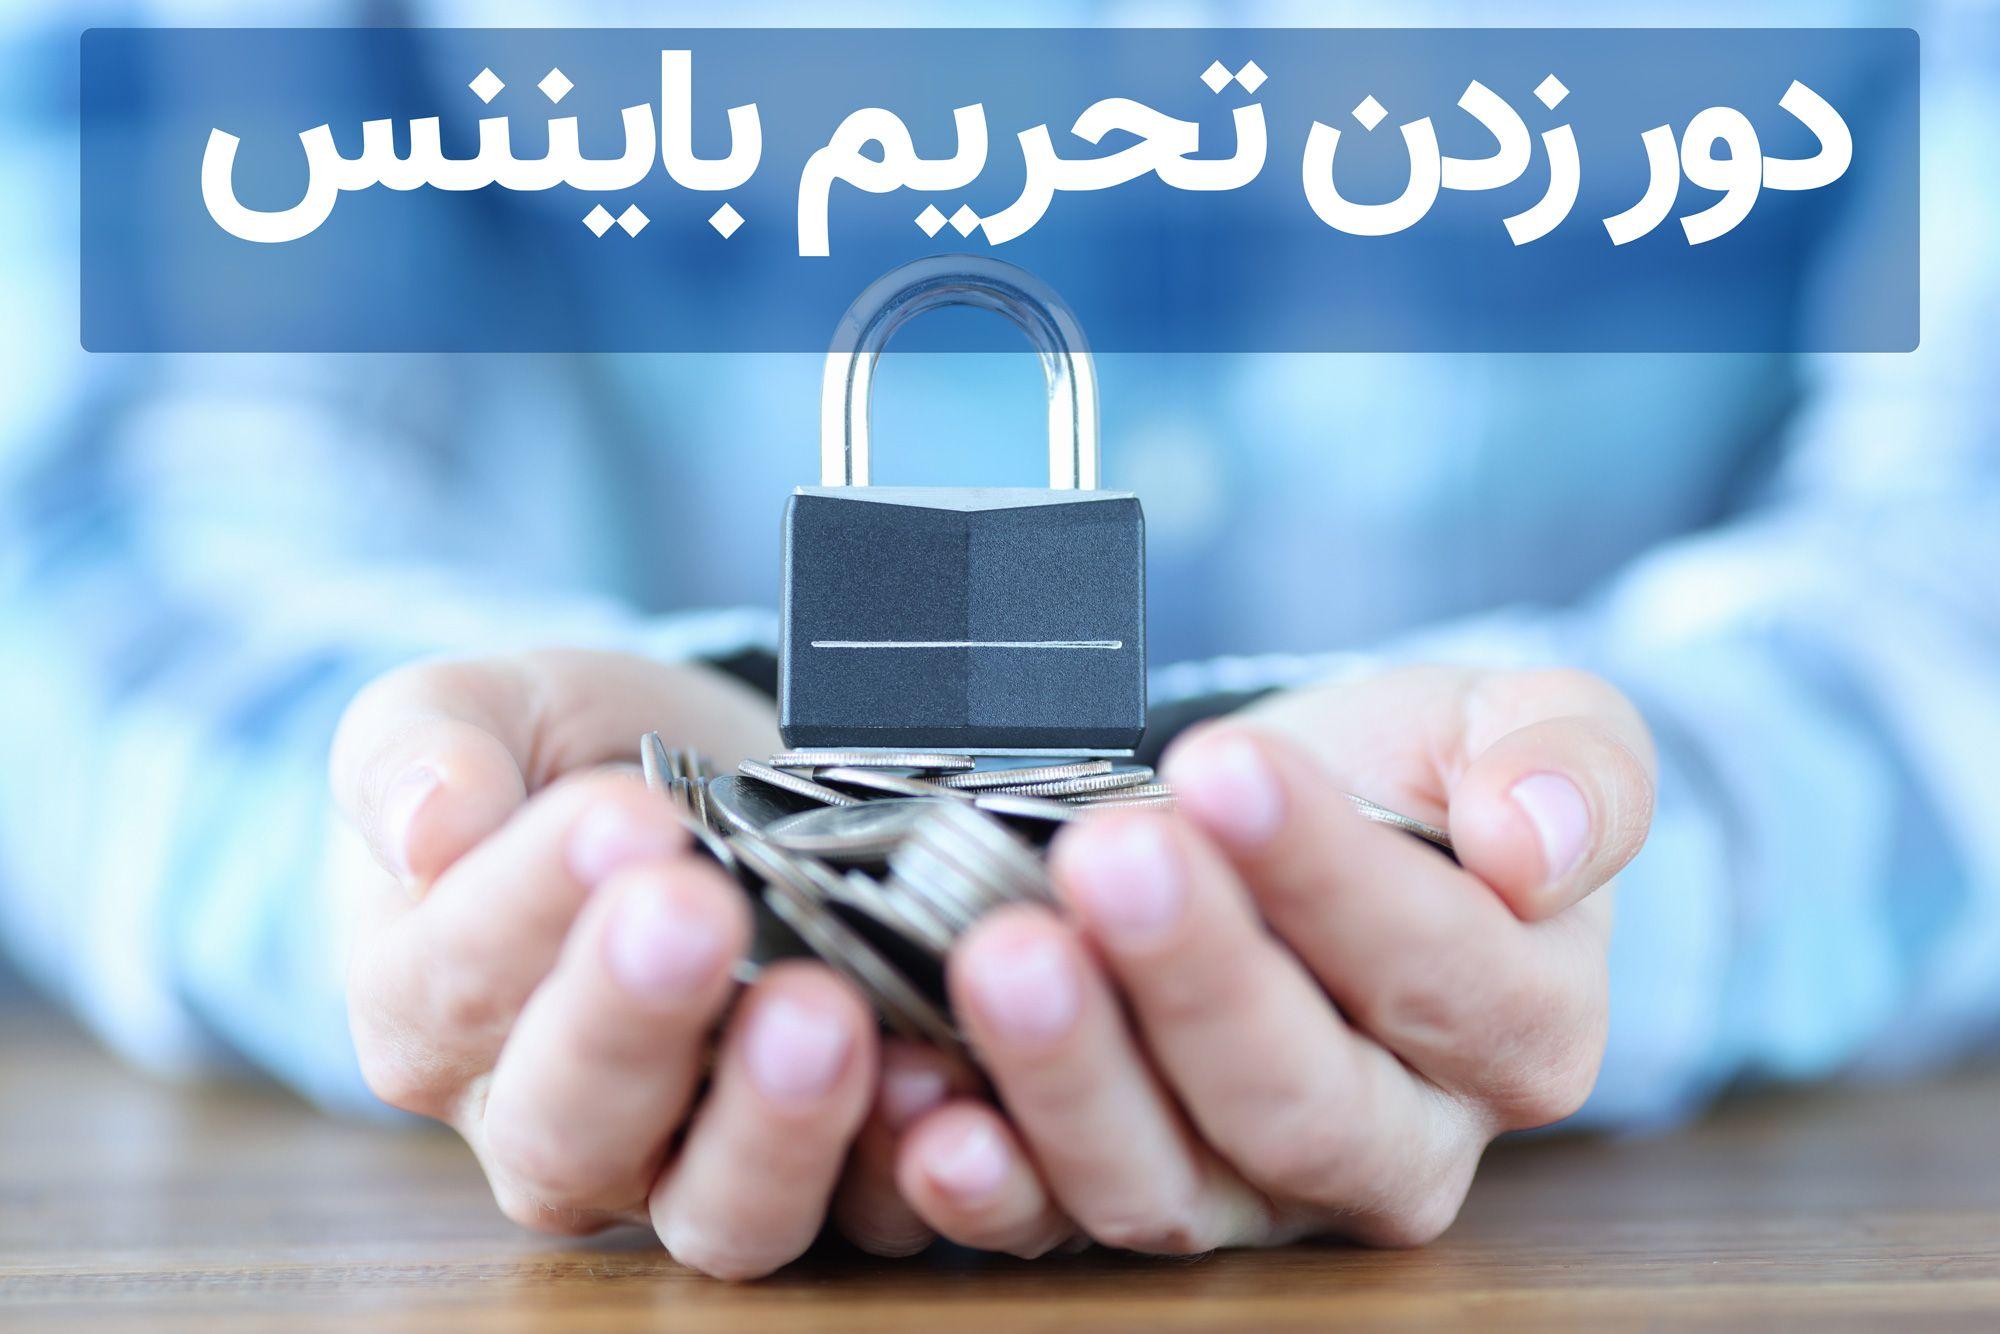 دور زدن تحریم بایننس برای کاربران ایرانی با استفاده از سرور مجازی بایننس